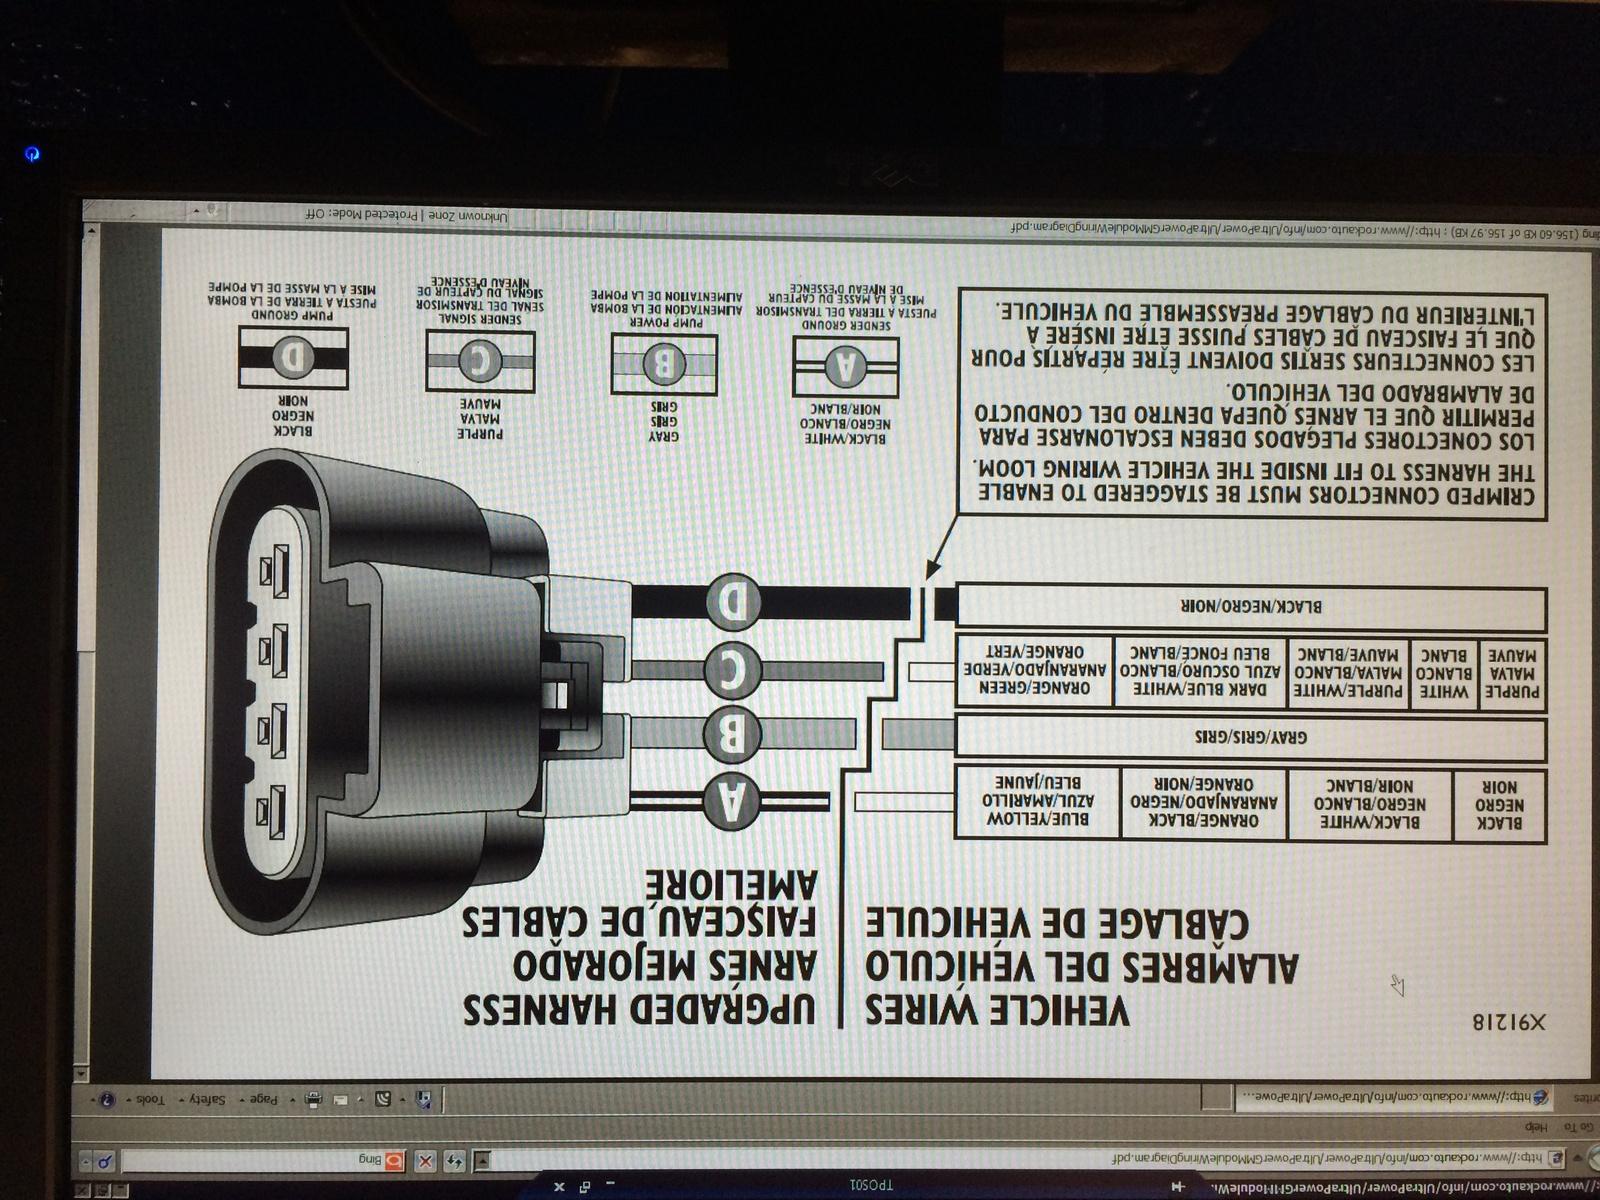 2005 Dodge Dakota Fuel Pump Wiring Diagram Schematic Wiring Diagram